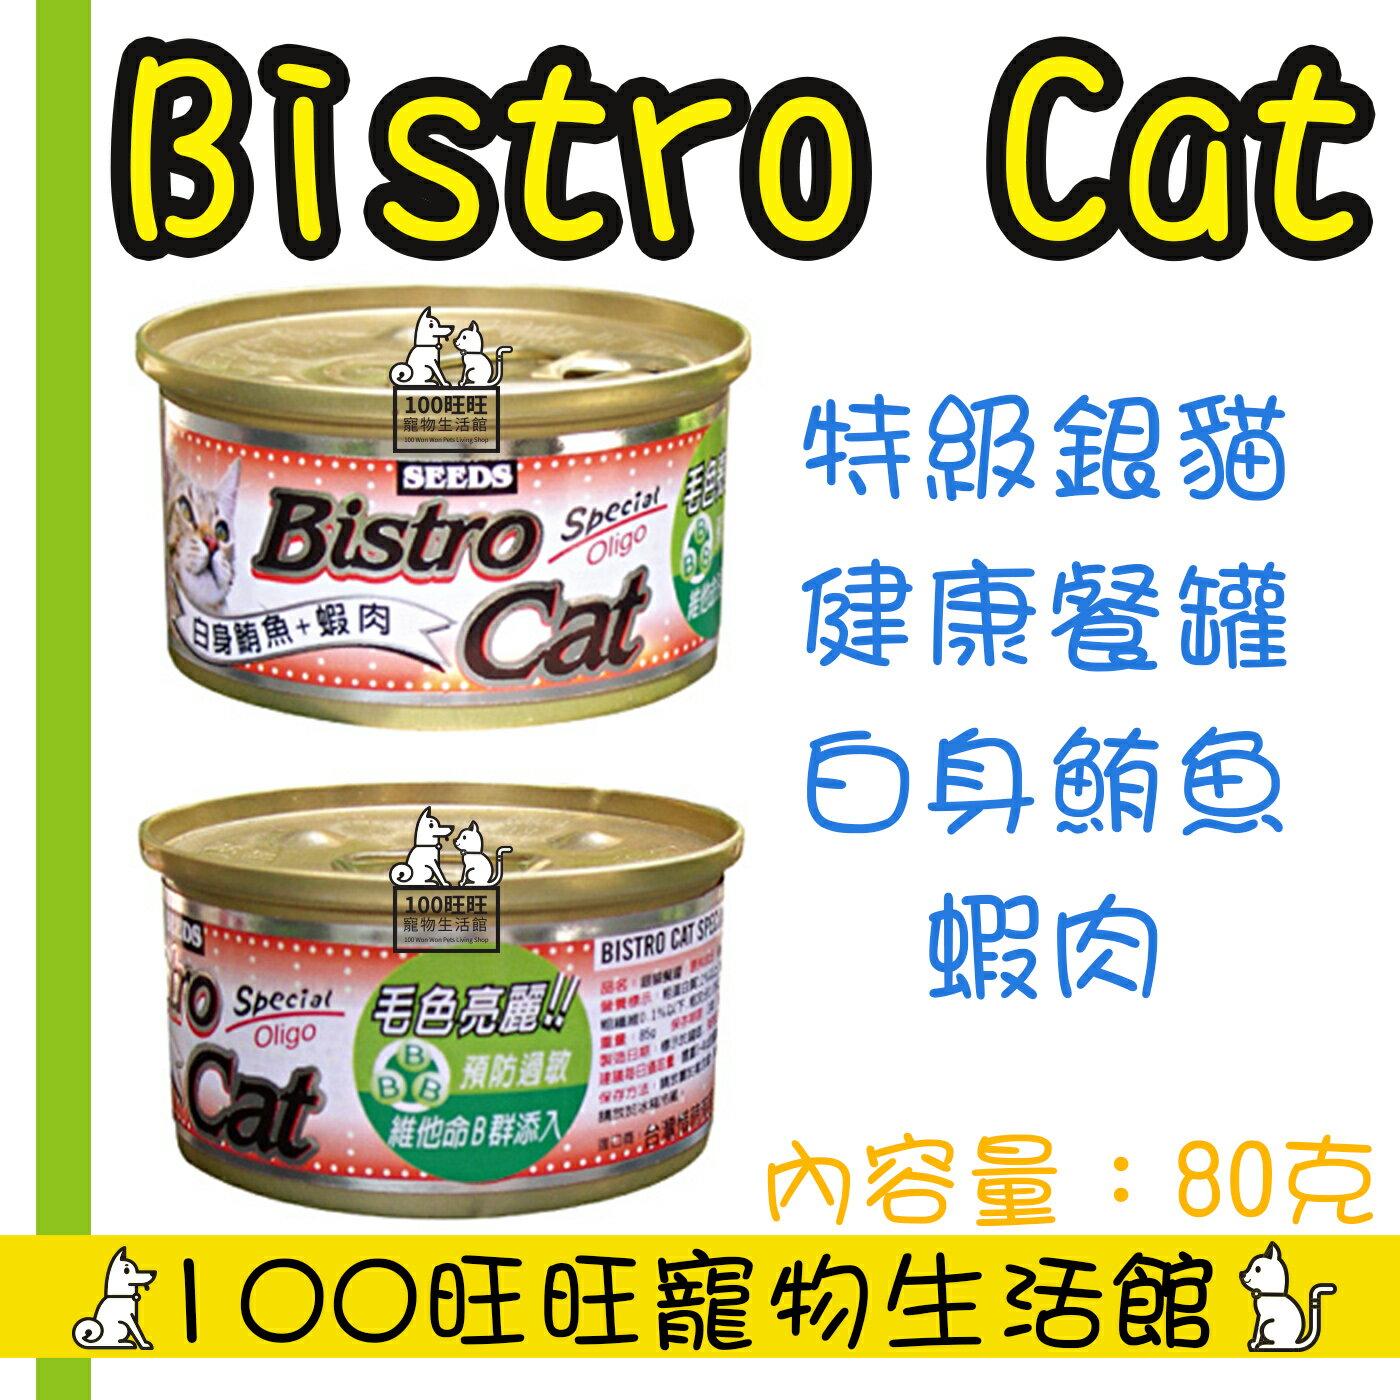 SEEDS 惜時 聖萊西 Bistro cat 特級銀貓健康餐罐 80g 銀罐 小銀 單罐 5